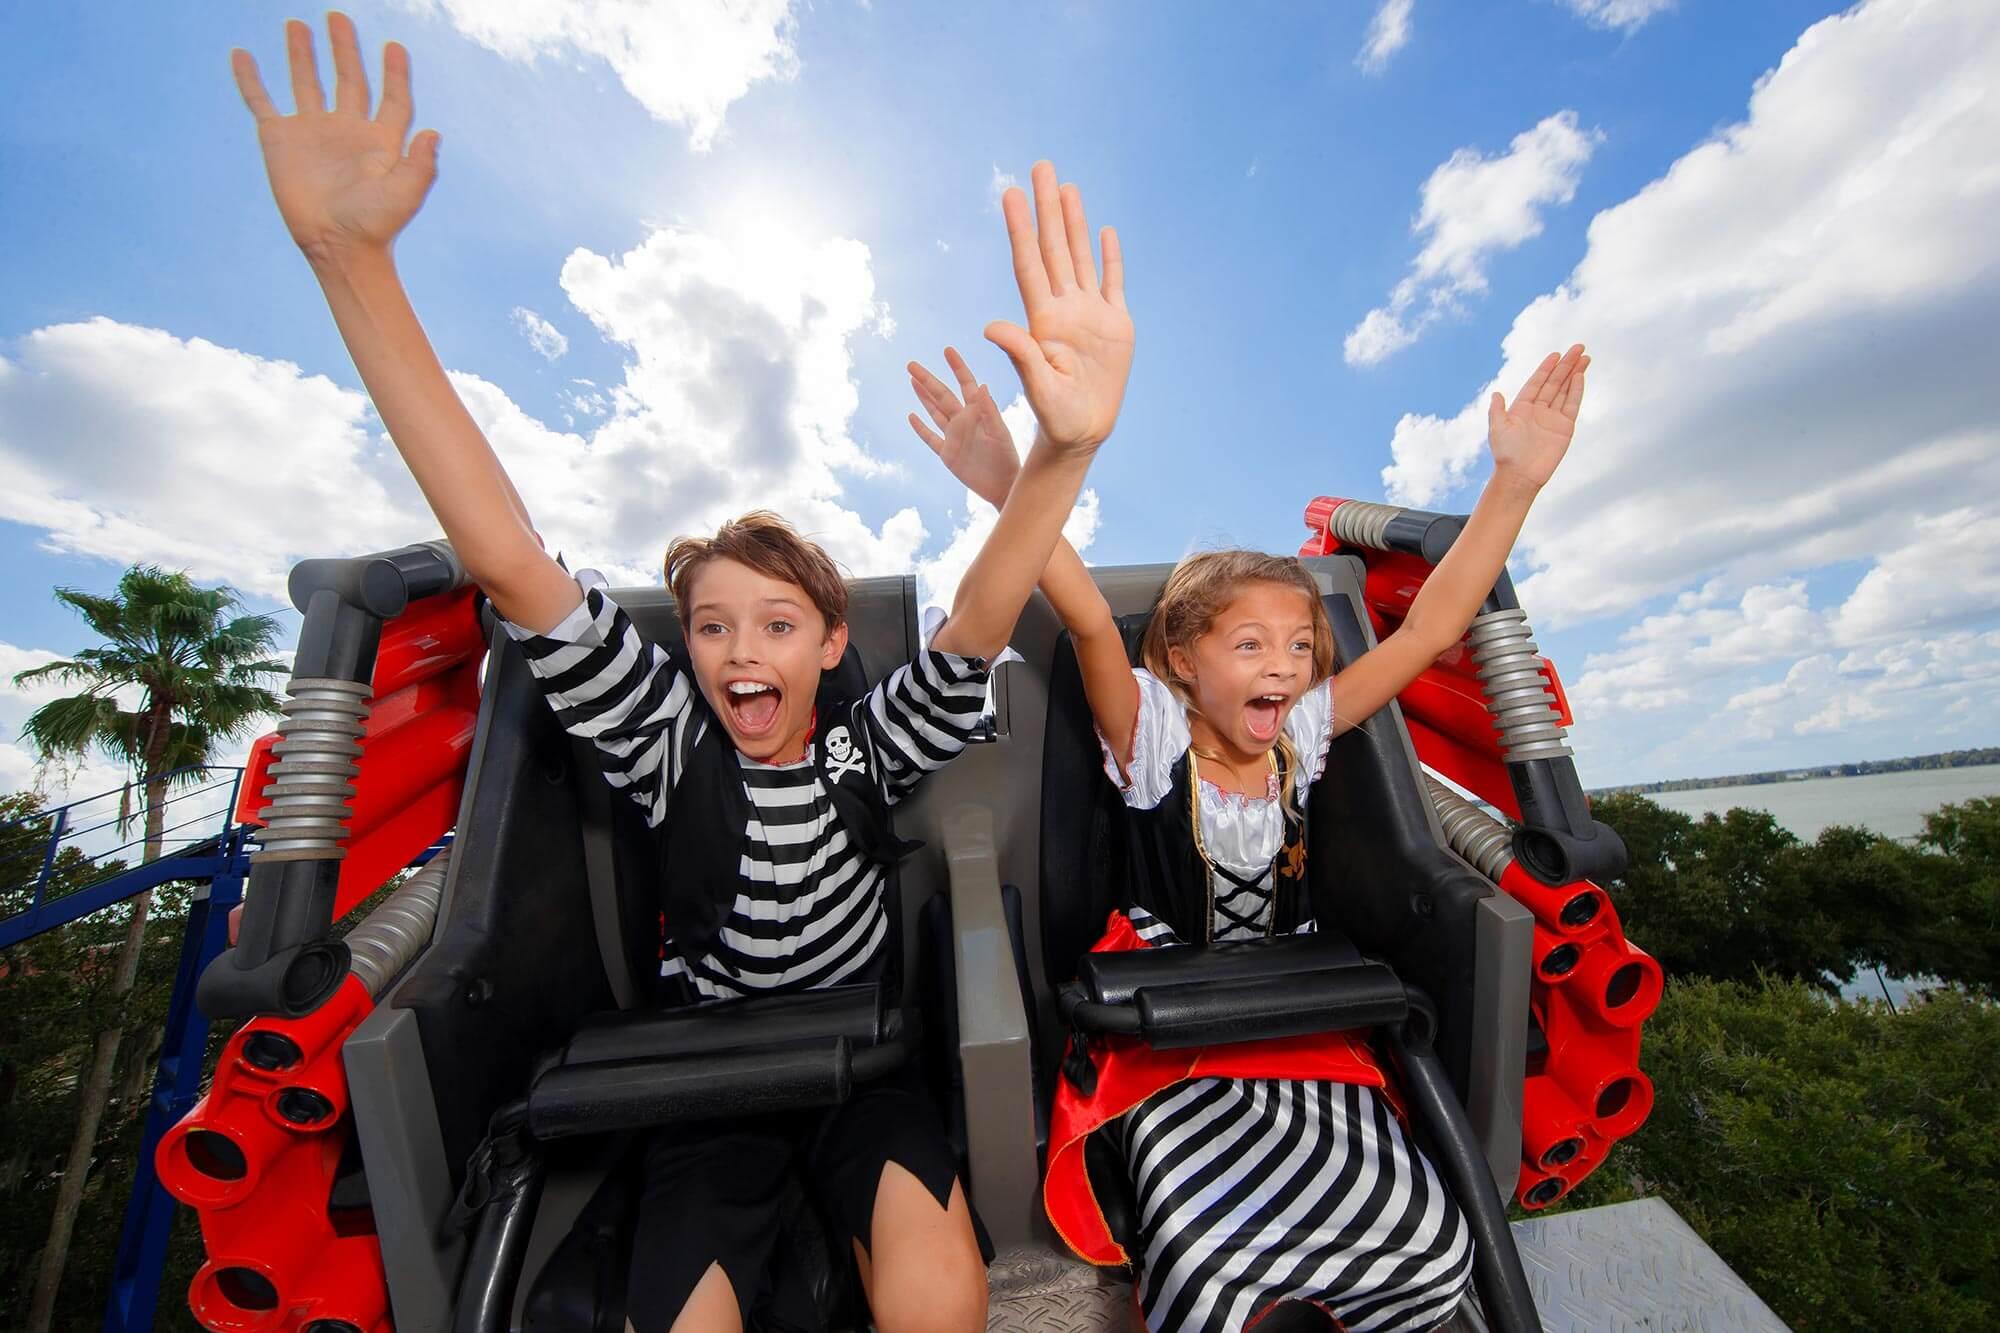 2 kids on roller coaster during LEGOLAND Florida Piratefest Weekend